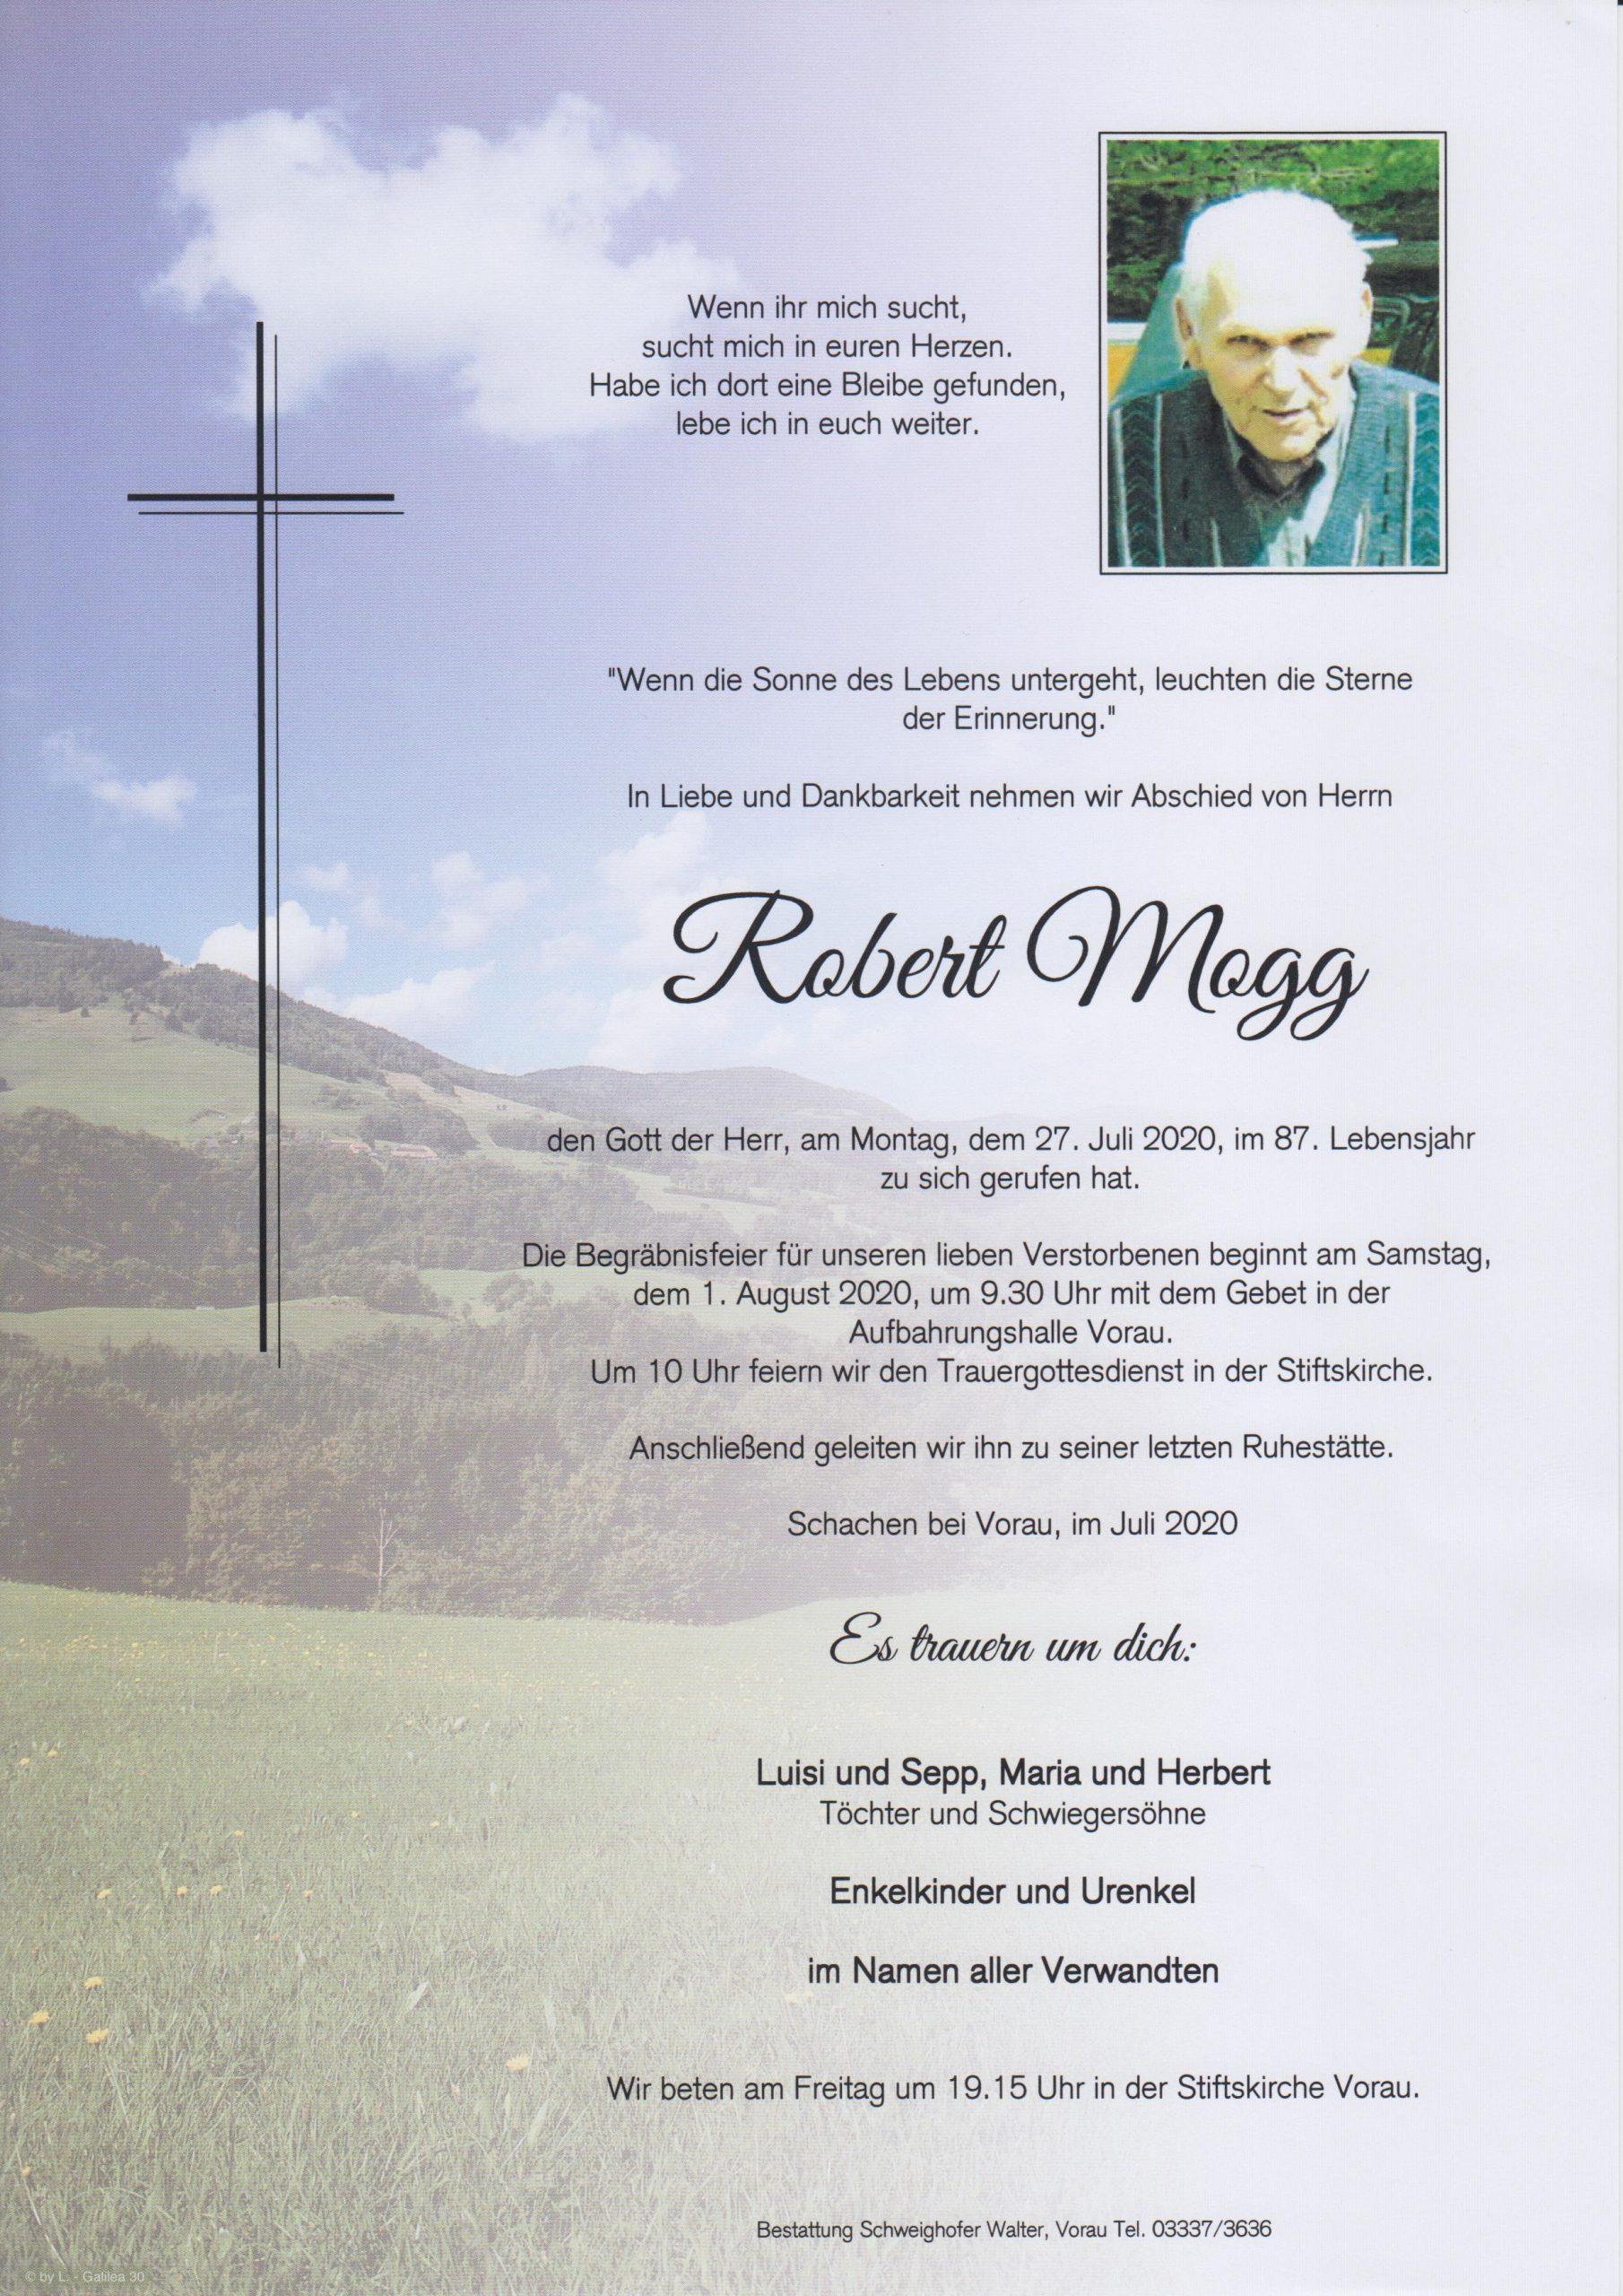 Robert Mogg